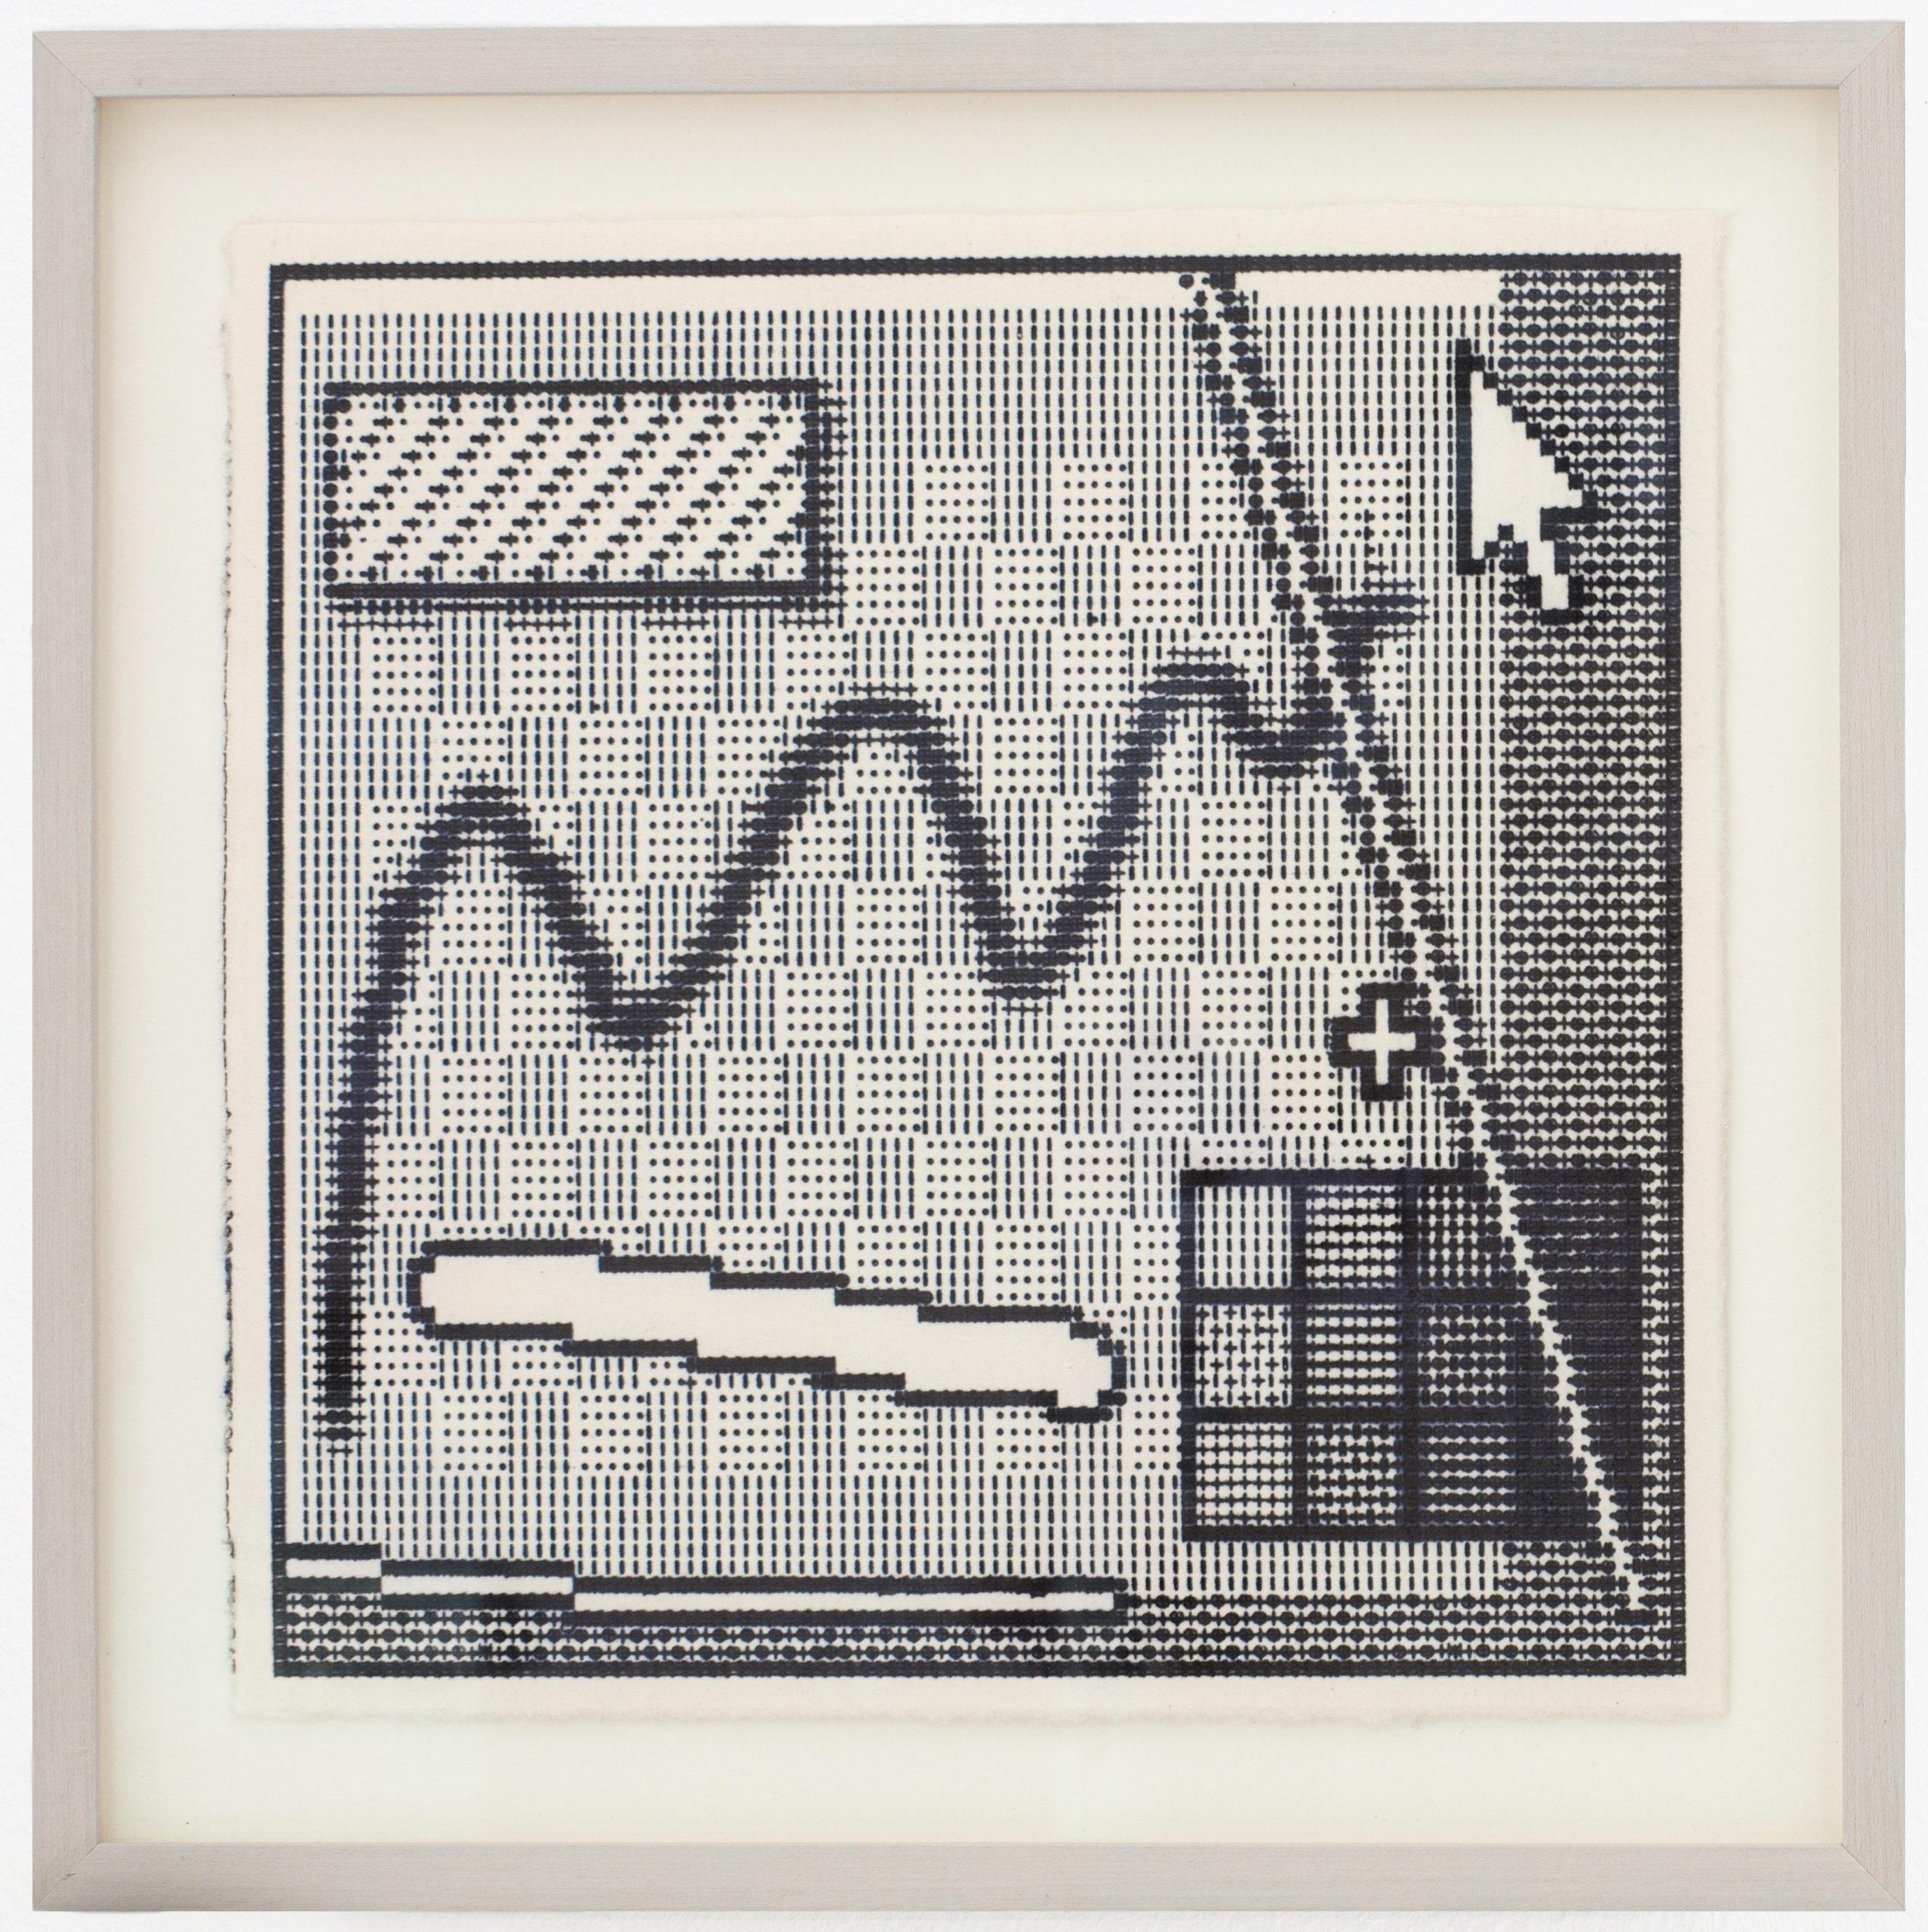 Arno Beck, Interface, typewriter drawing on paper, 22 x 22 cm, 2015